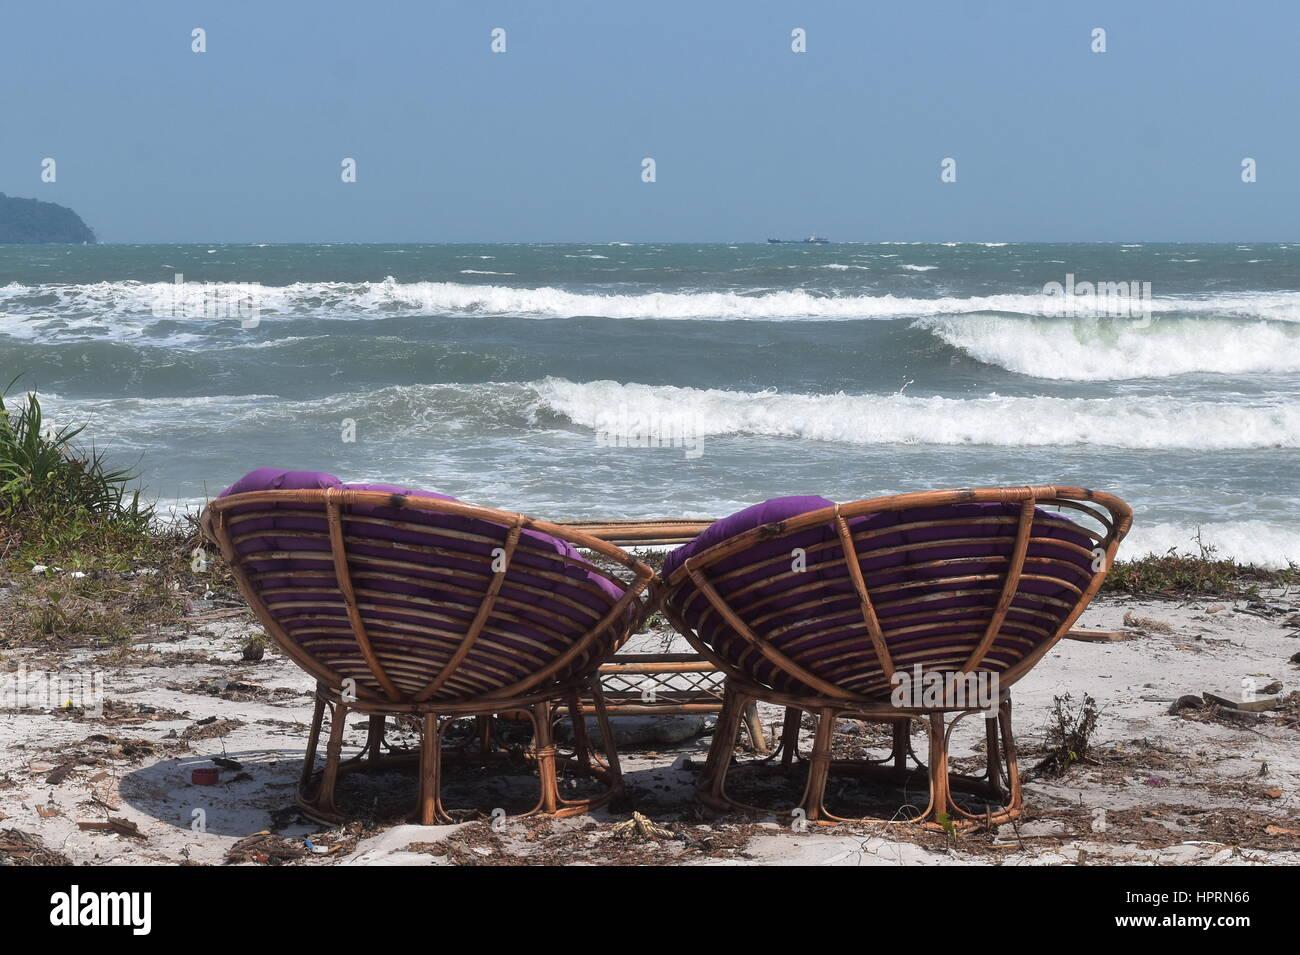 Am Meer paar entspannenden Stühlen am Paradies Sand Strand von Koh Rong Samloem Urlaubsziel von Kambodscha Stockbild